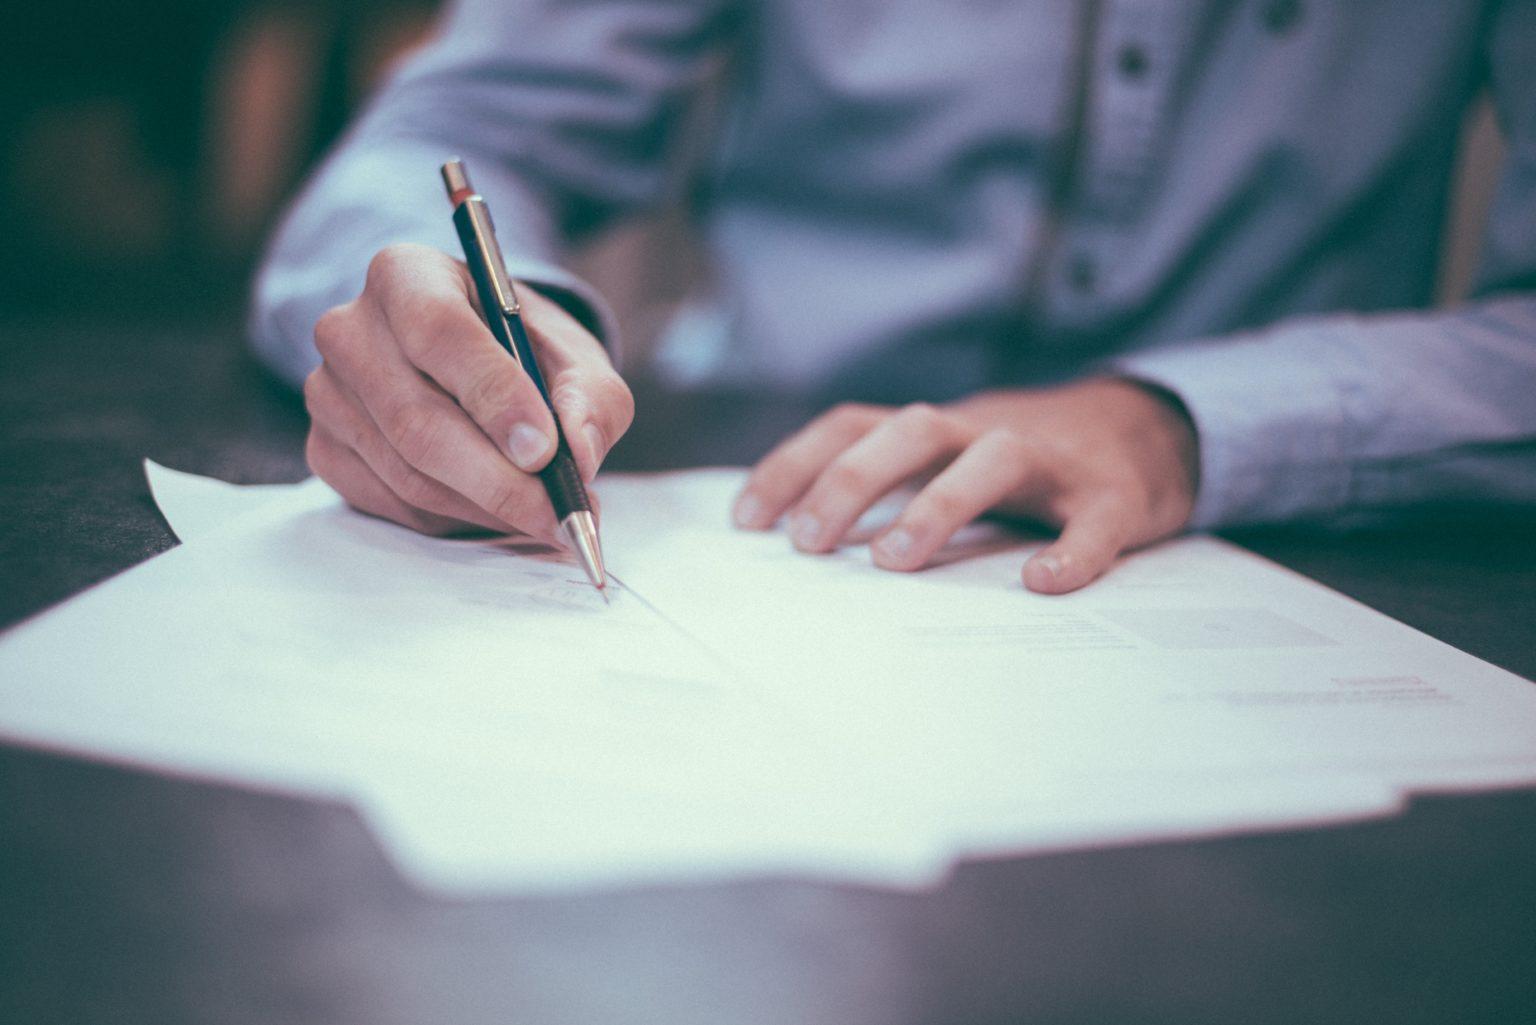 Strafverfahrensrecht/ Unterschrift des Verteidigers